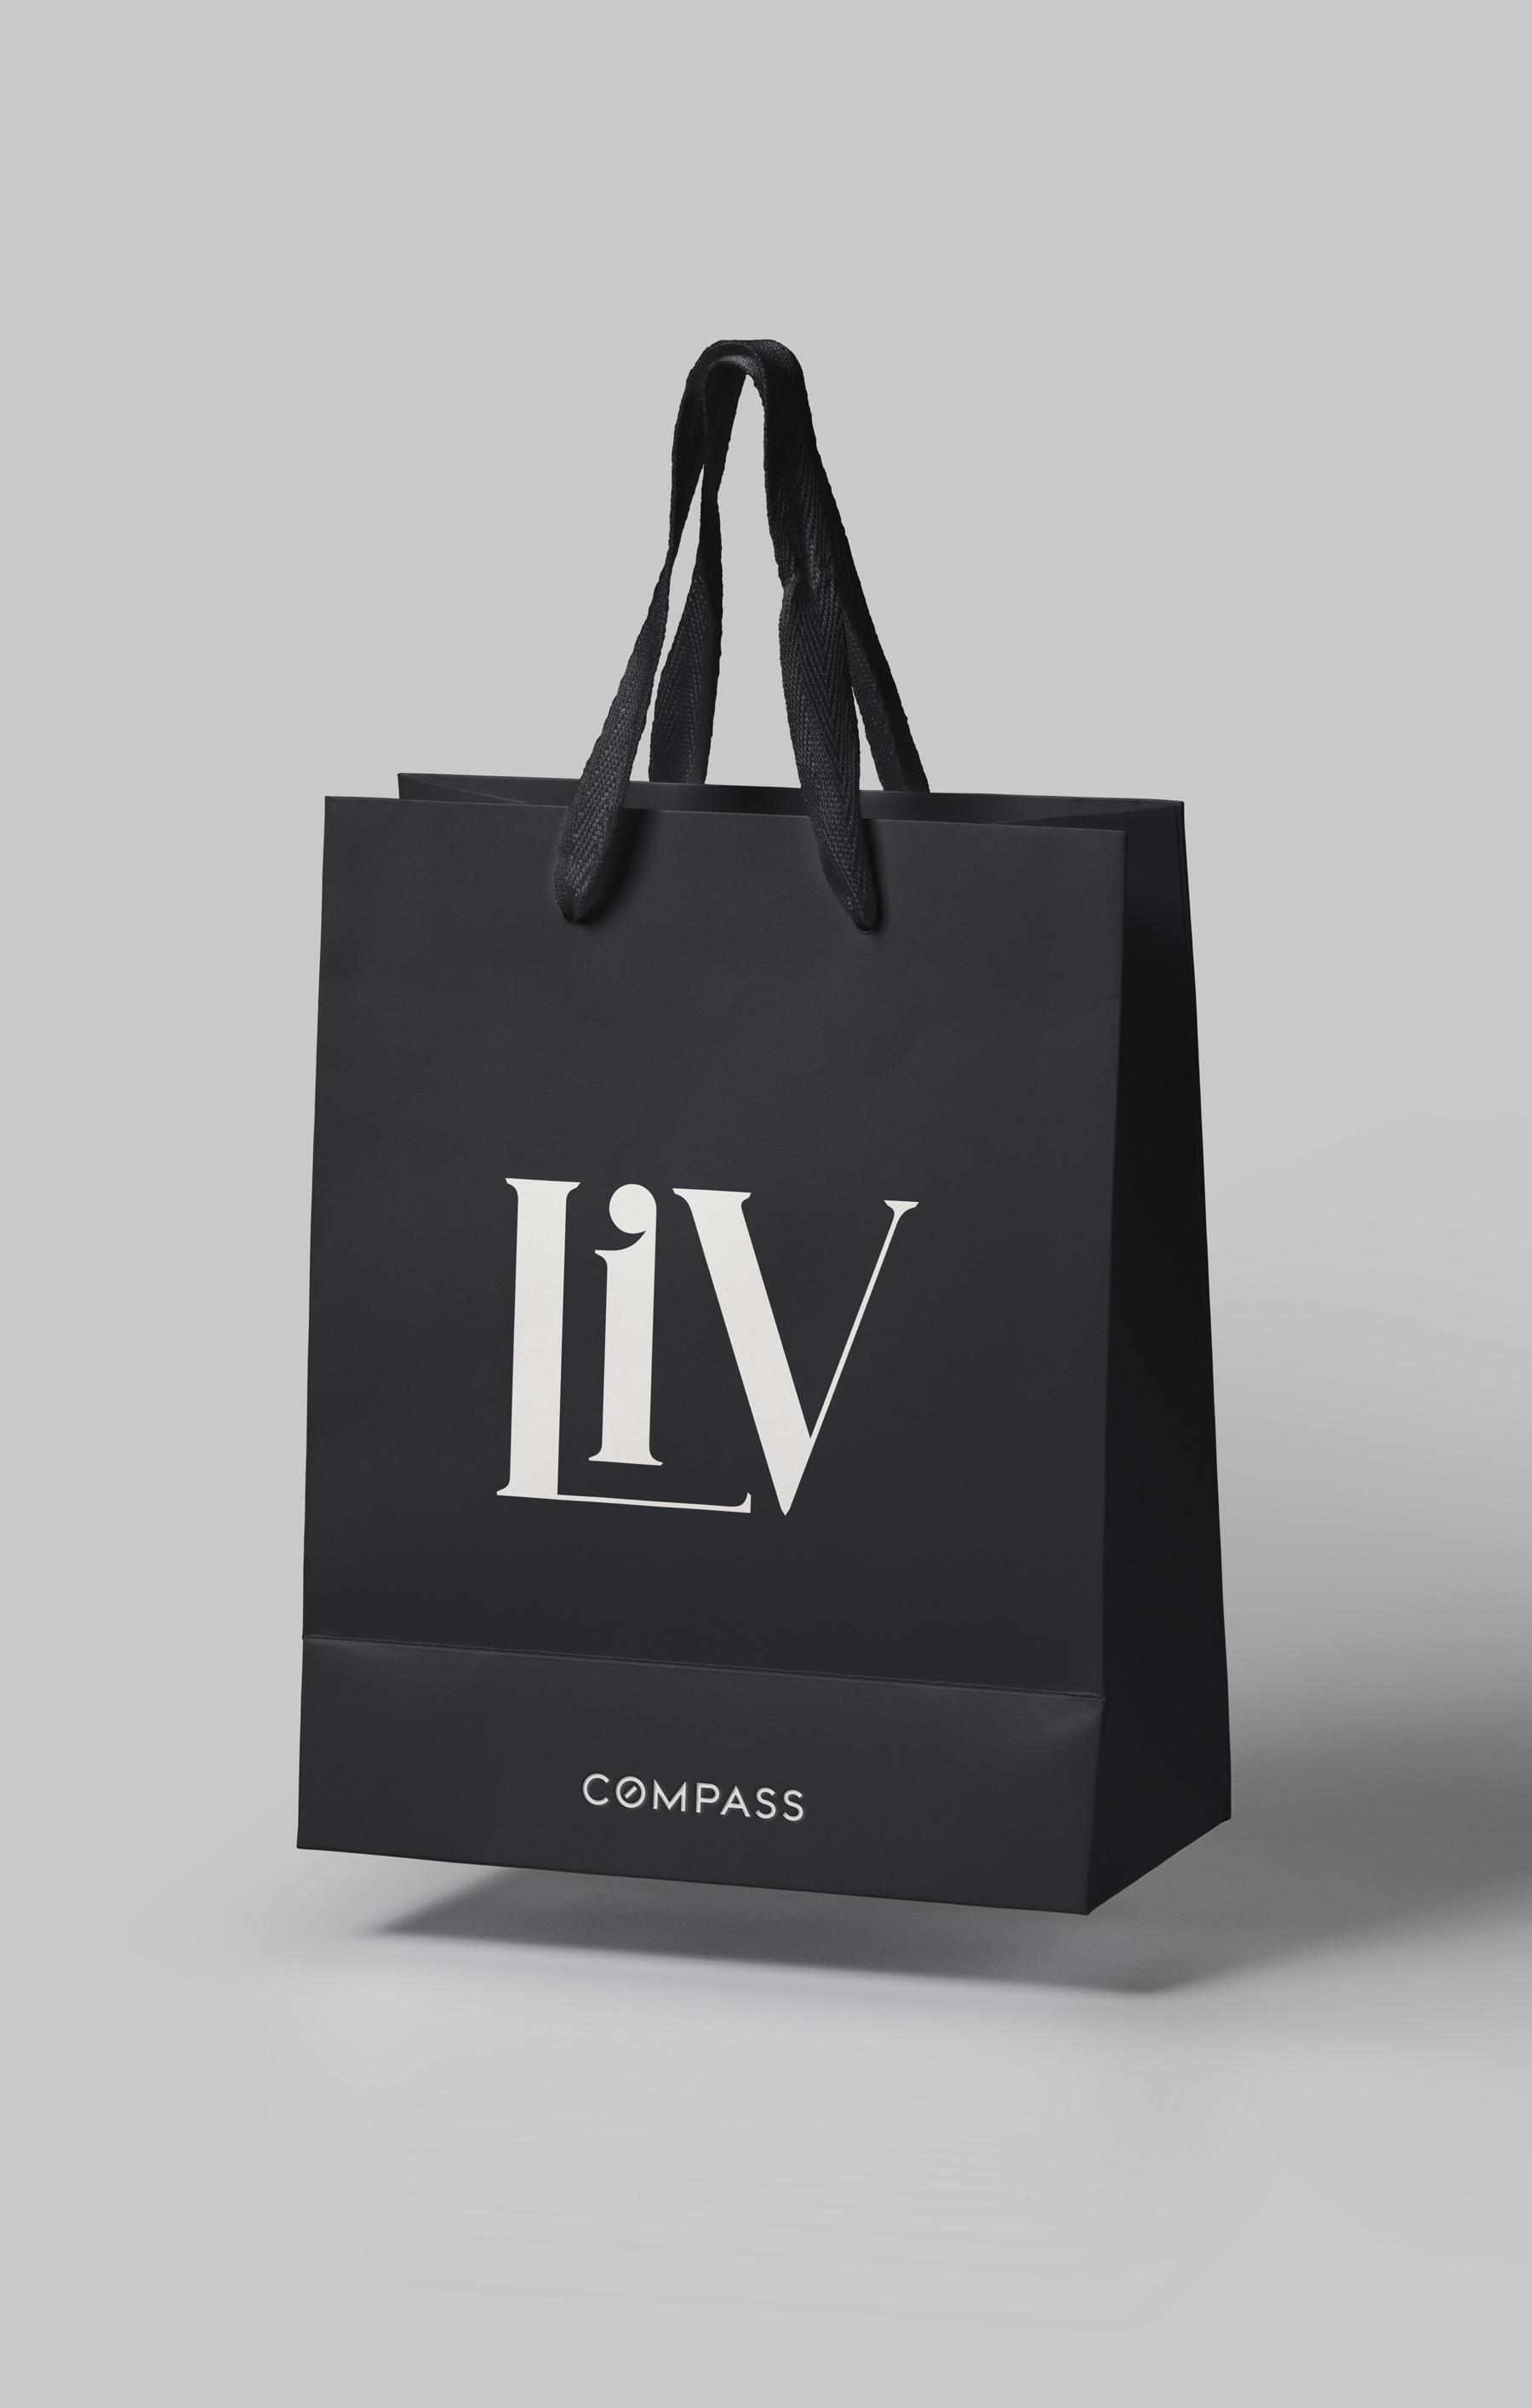 compass-bag.jpg